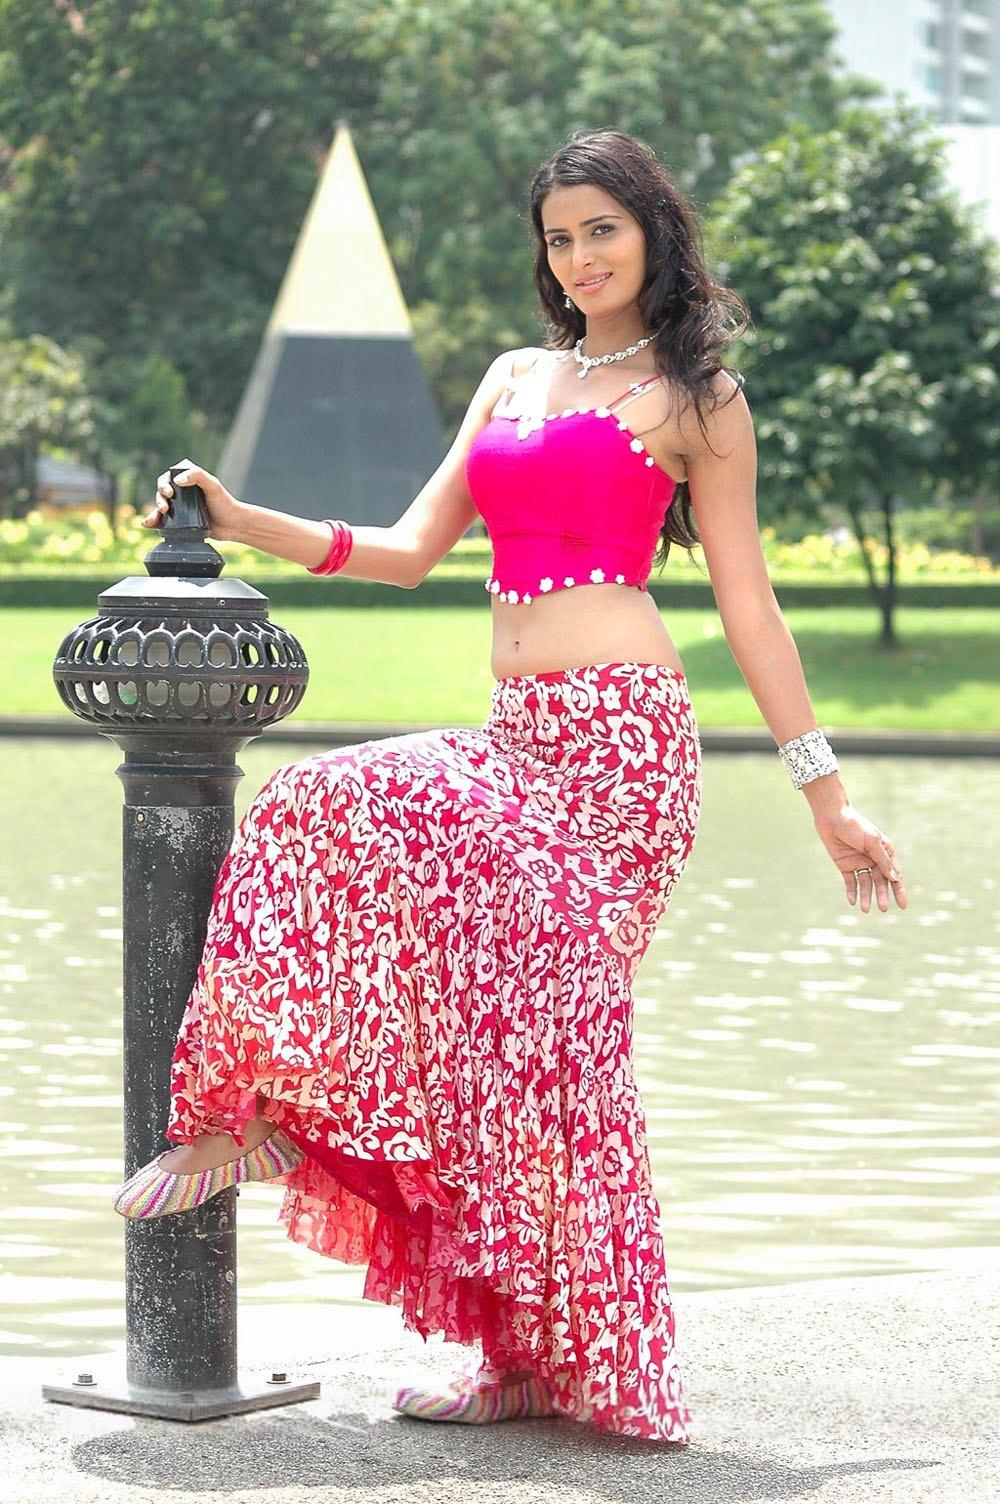 Actress meenakshi dikshit hot photos actress photos galleries tollywood actress meenakshi dikshit hot high quality photos gallery123actressphotosgallery thecheapjerseys Images